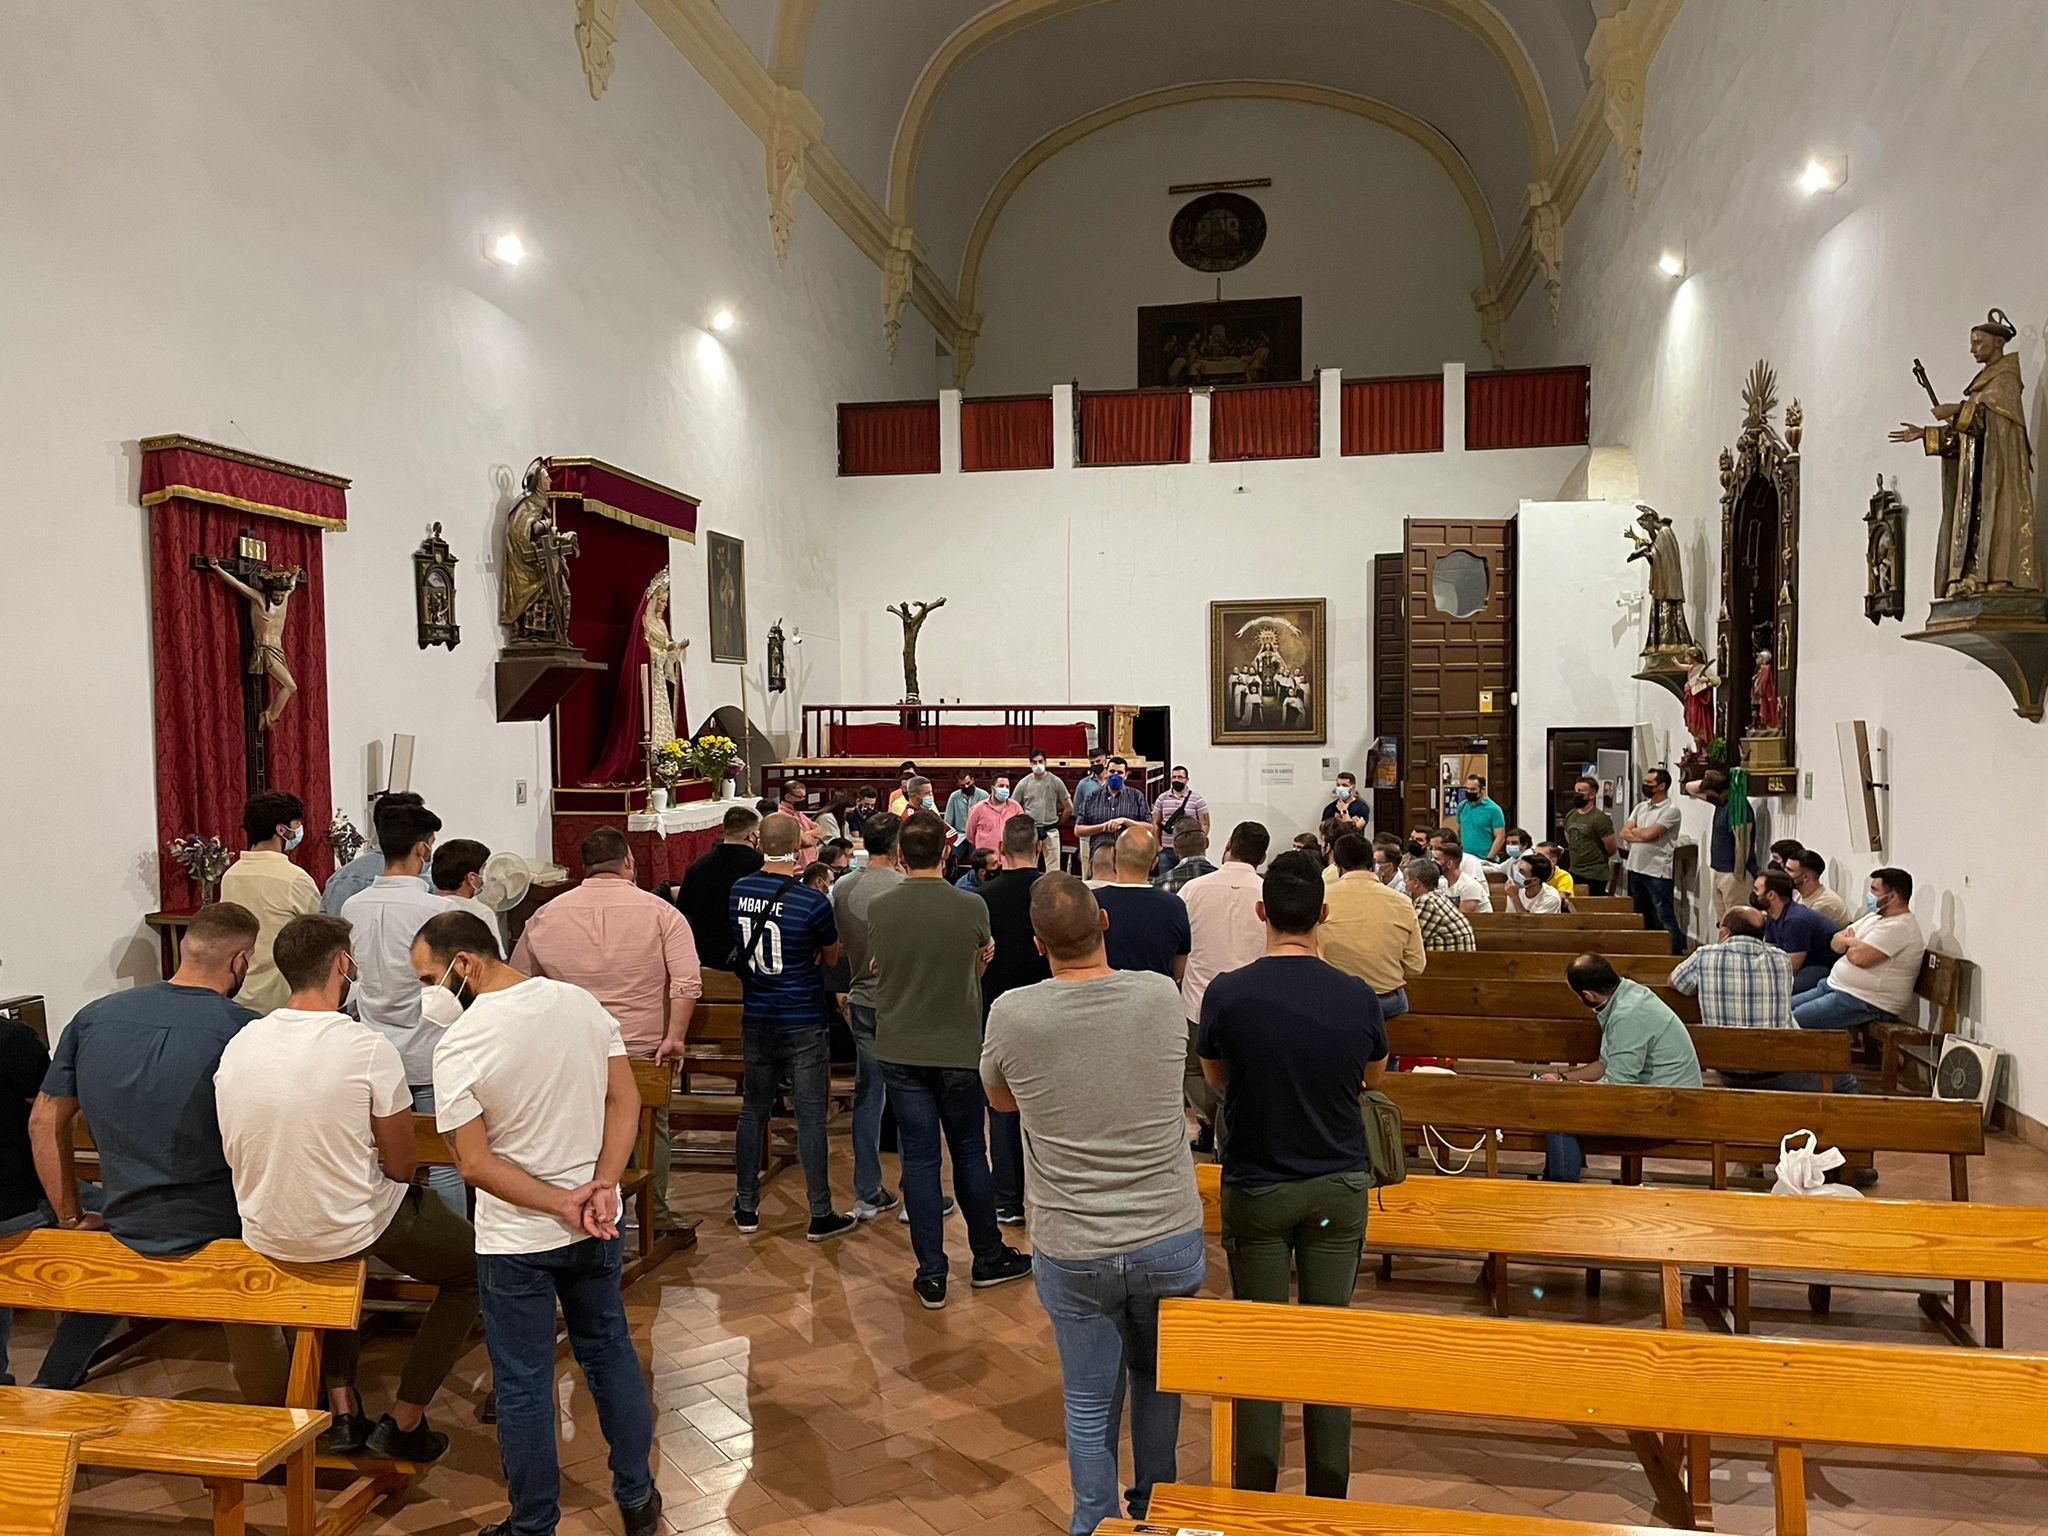 Juan Horacio de la Rosa y Jesús Ortigosa mandarán a los 80 costaleros que serán partícipes de la histórica primera salida procesional de Nuestro Padre Jesús de la Salud de Puerta Nueva